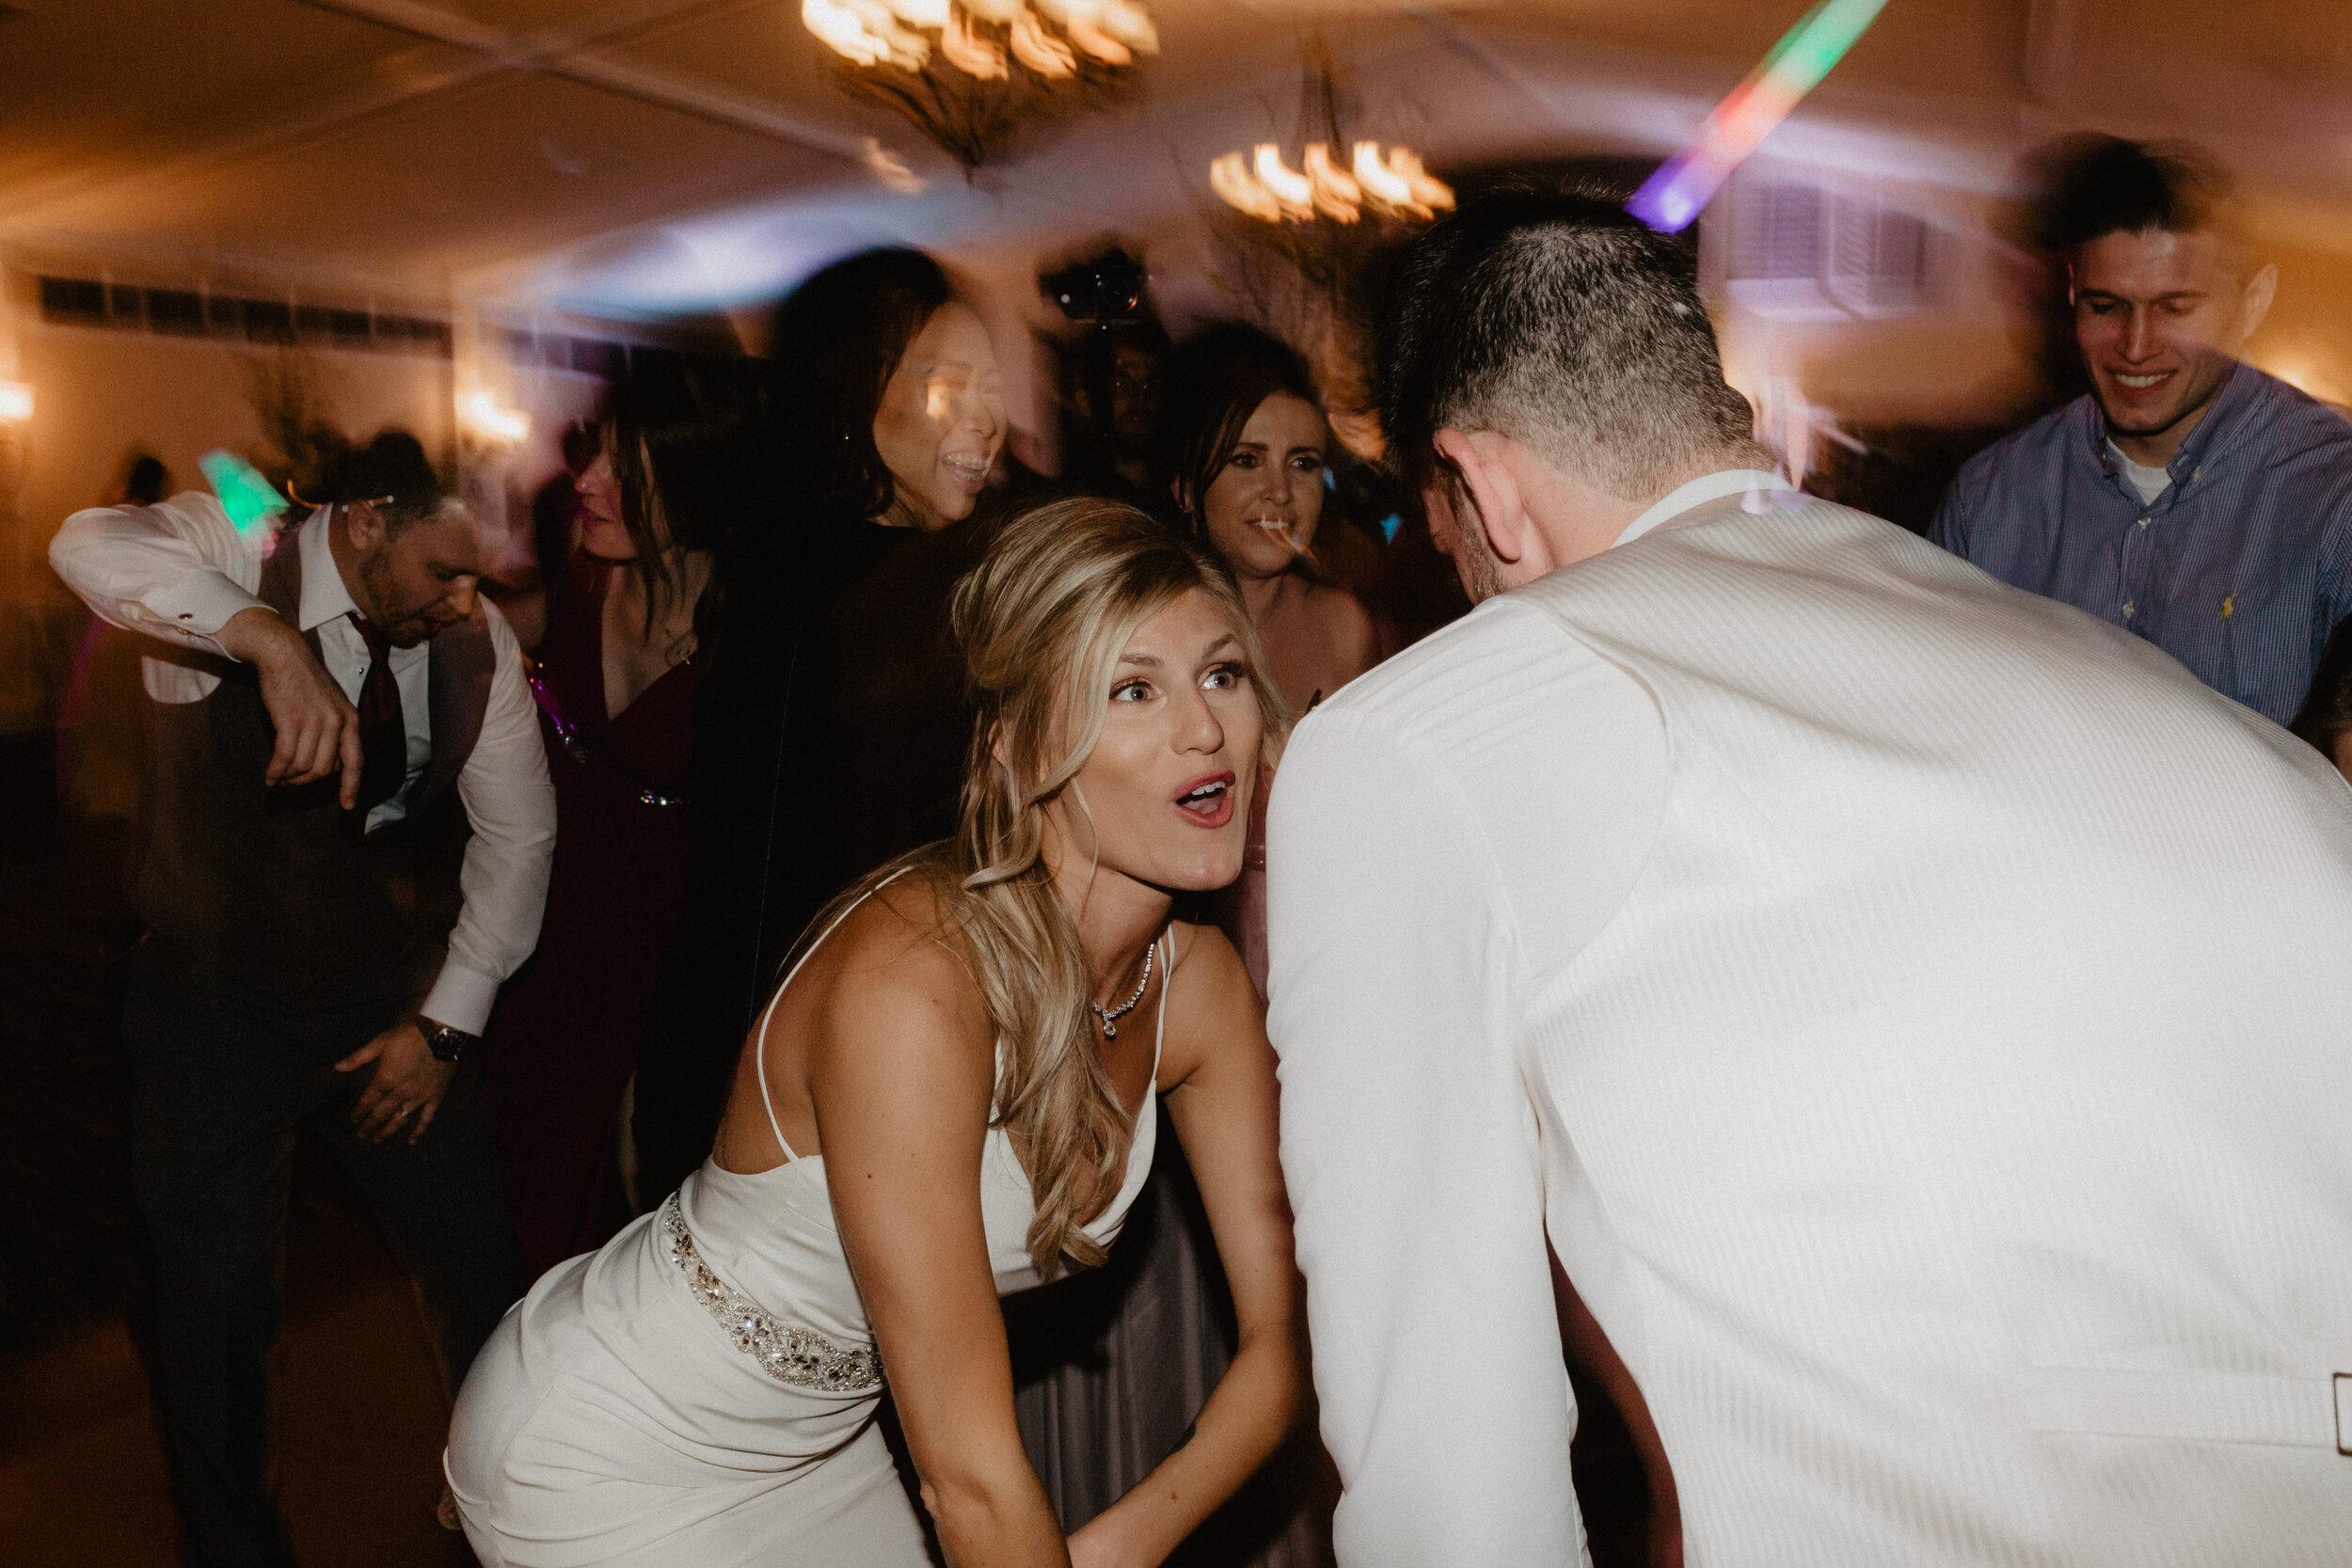 schenectady-new-york-wedding068.jpg